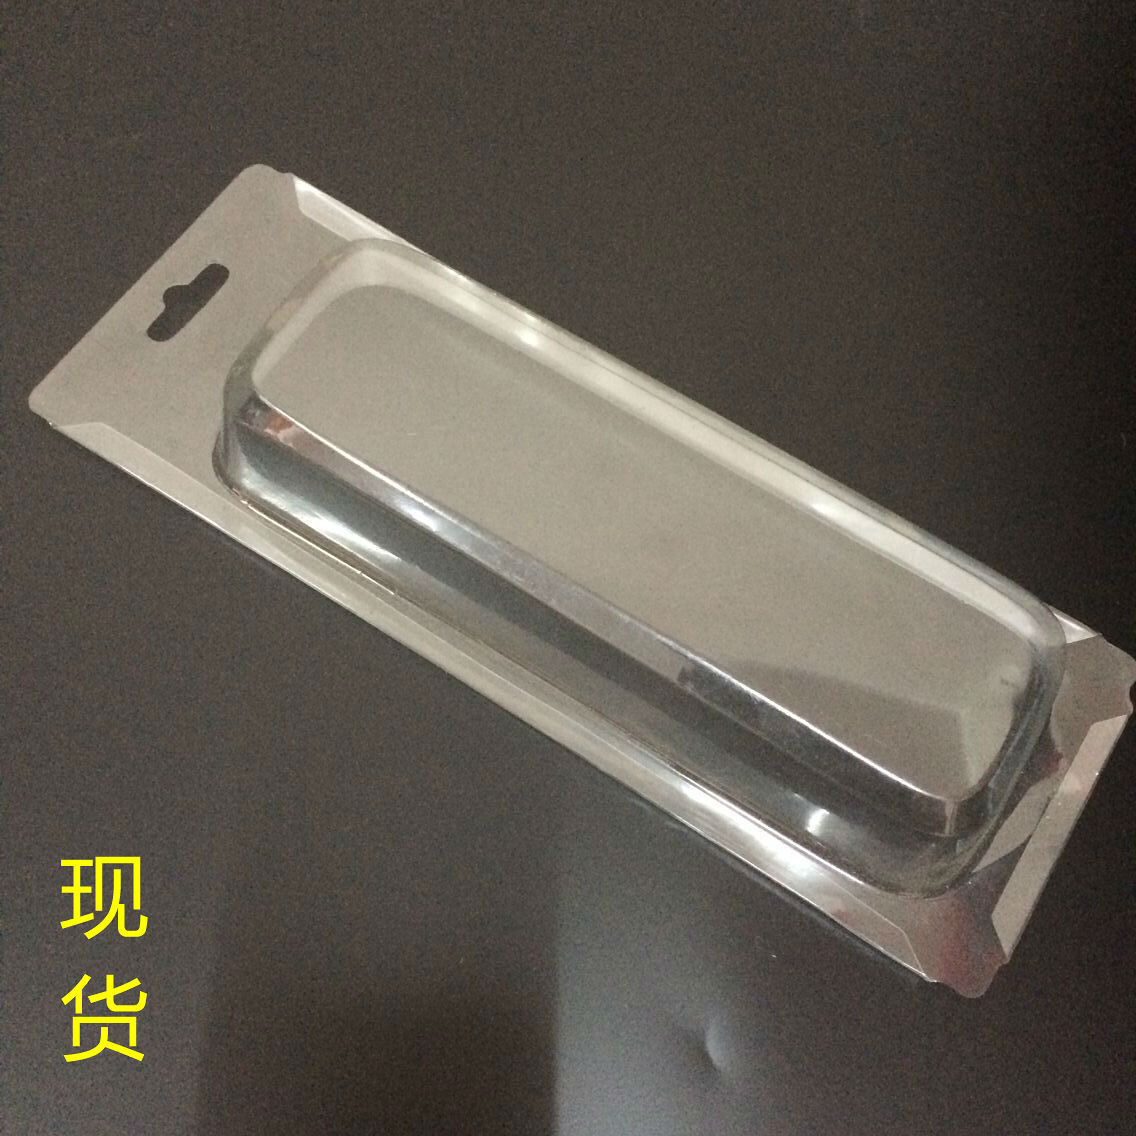 业余消费电源衔接线通明PVC包装盒pvc吸塑盒吸塑泡壳盒现货零售